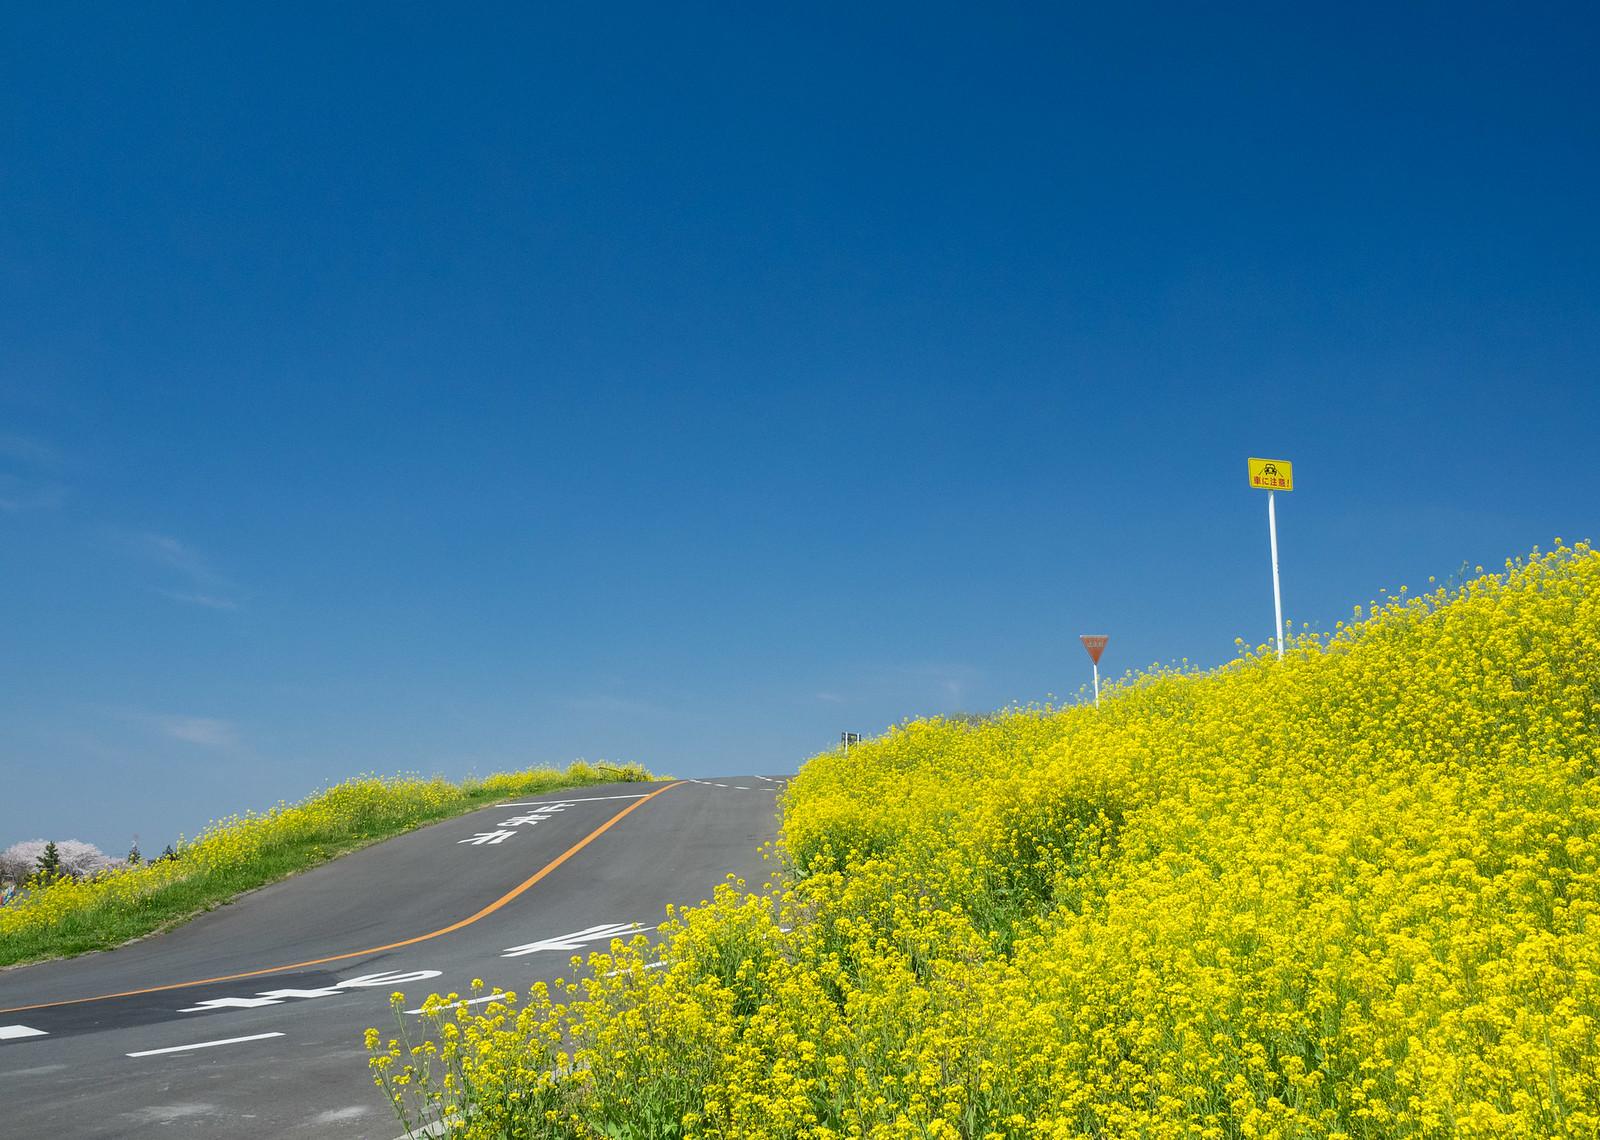 kawajima-4020174